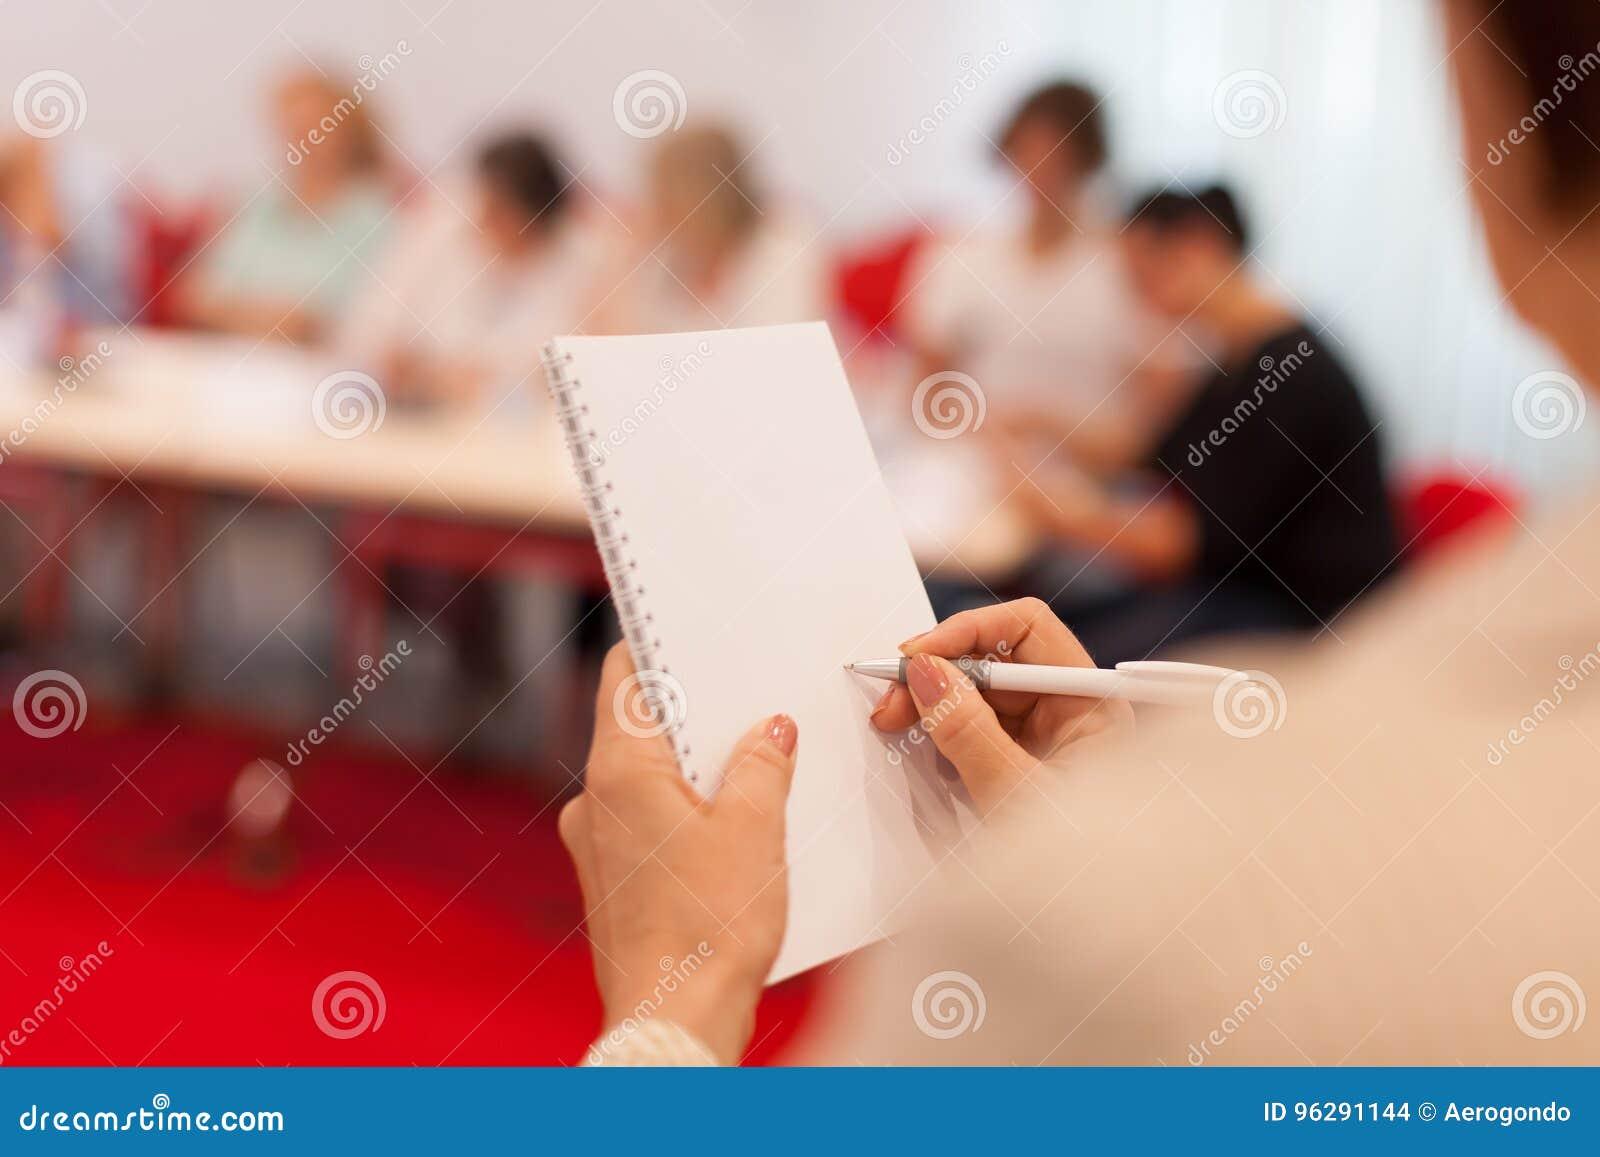 Tomando notas na reunião de negócios